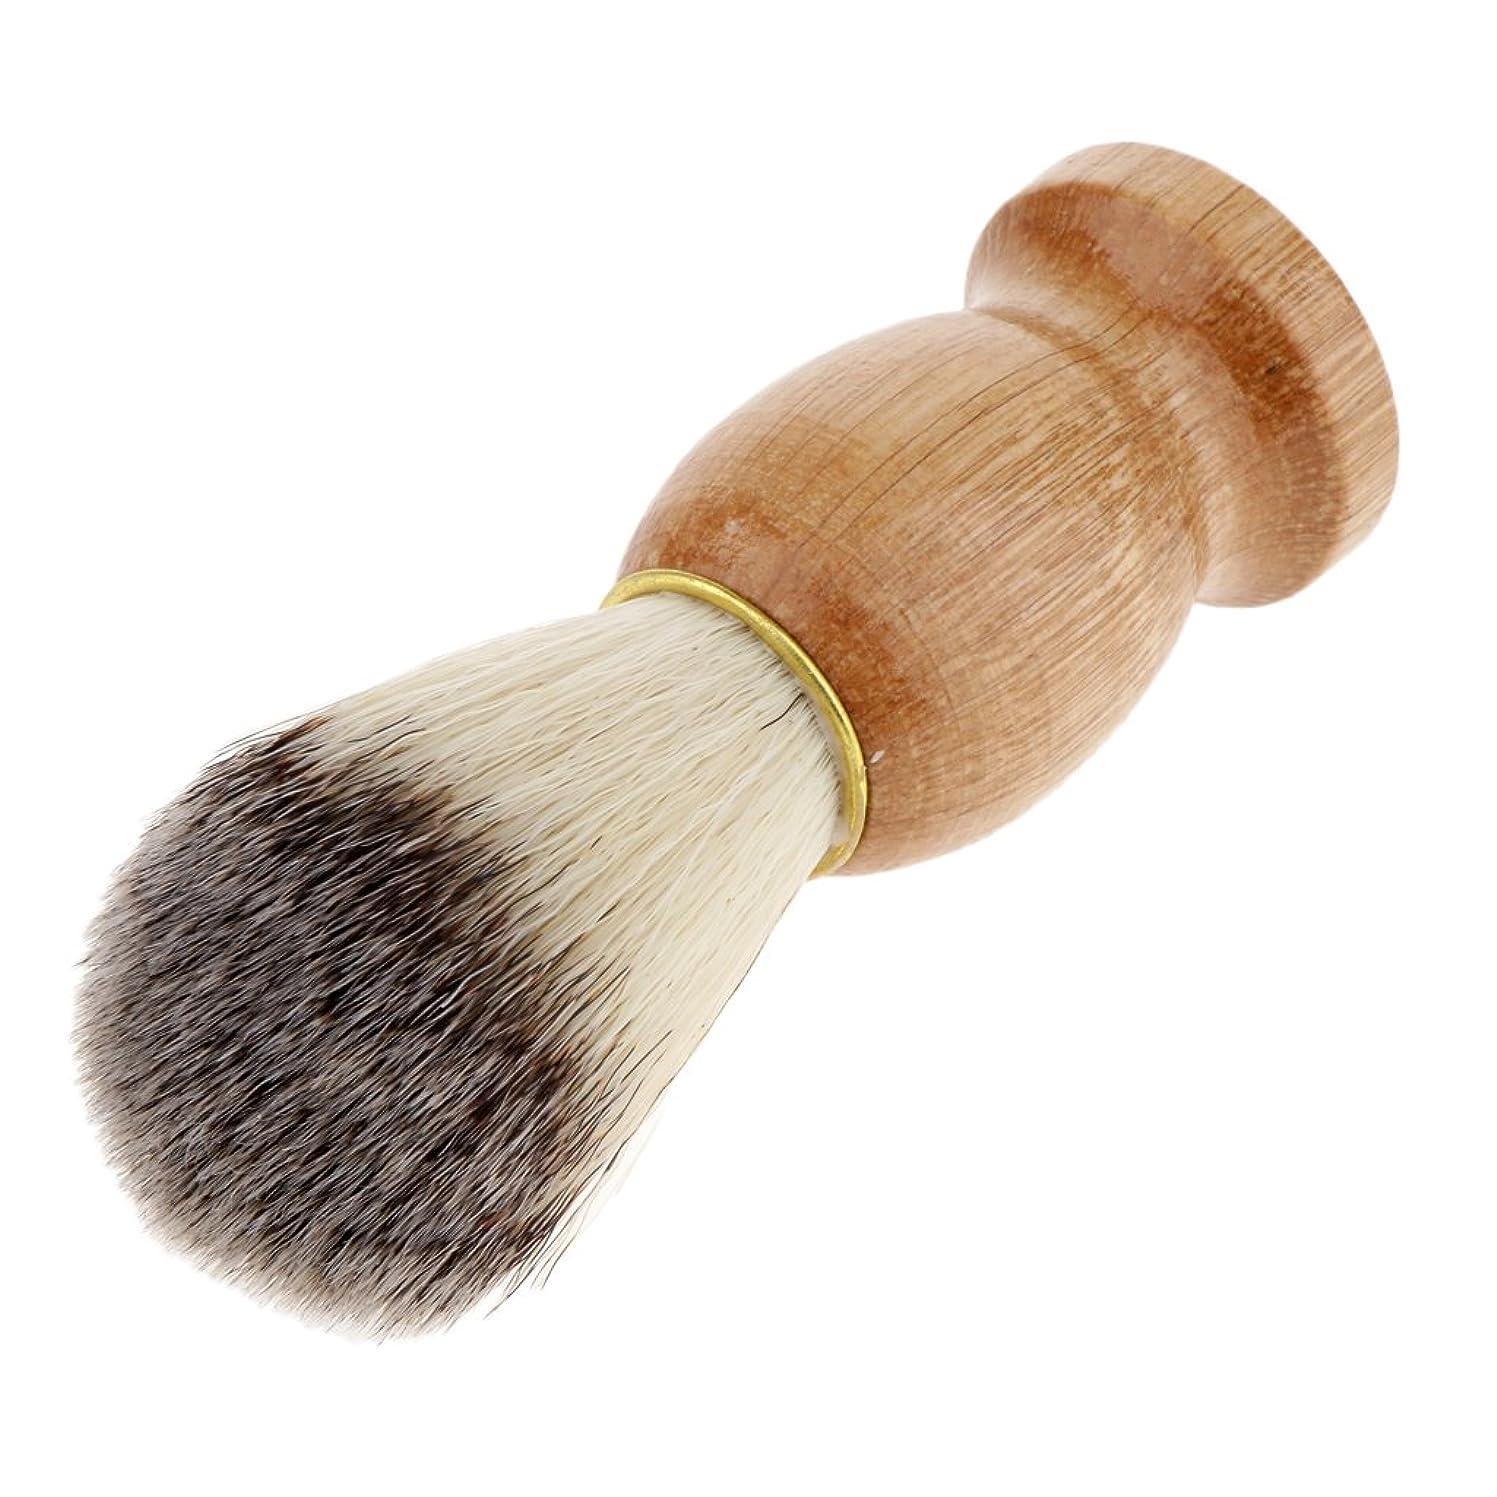 マカダム意欲トランペットBlesiya シェービングブラシ コスメブラシ 木製ハンドル メンズ ひげ剃りブラシ プレゼント